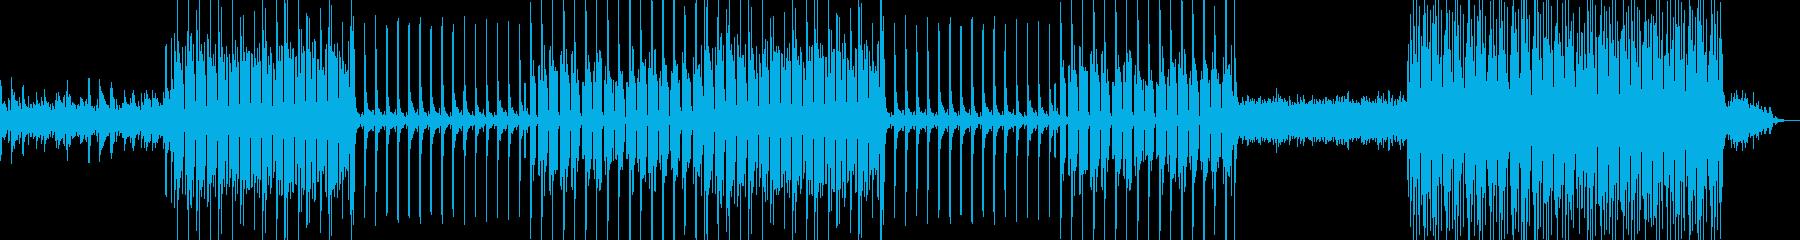 ピアノとアコースティックギターをメイン…の再生済みの波形